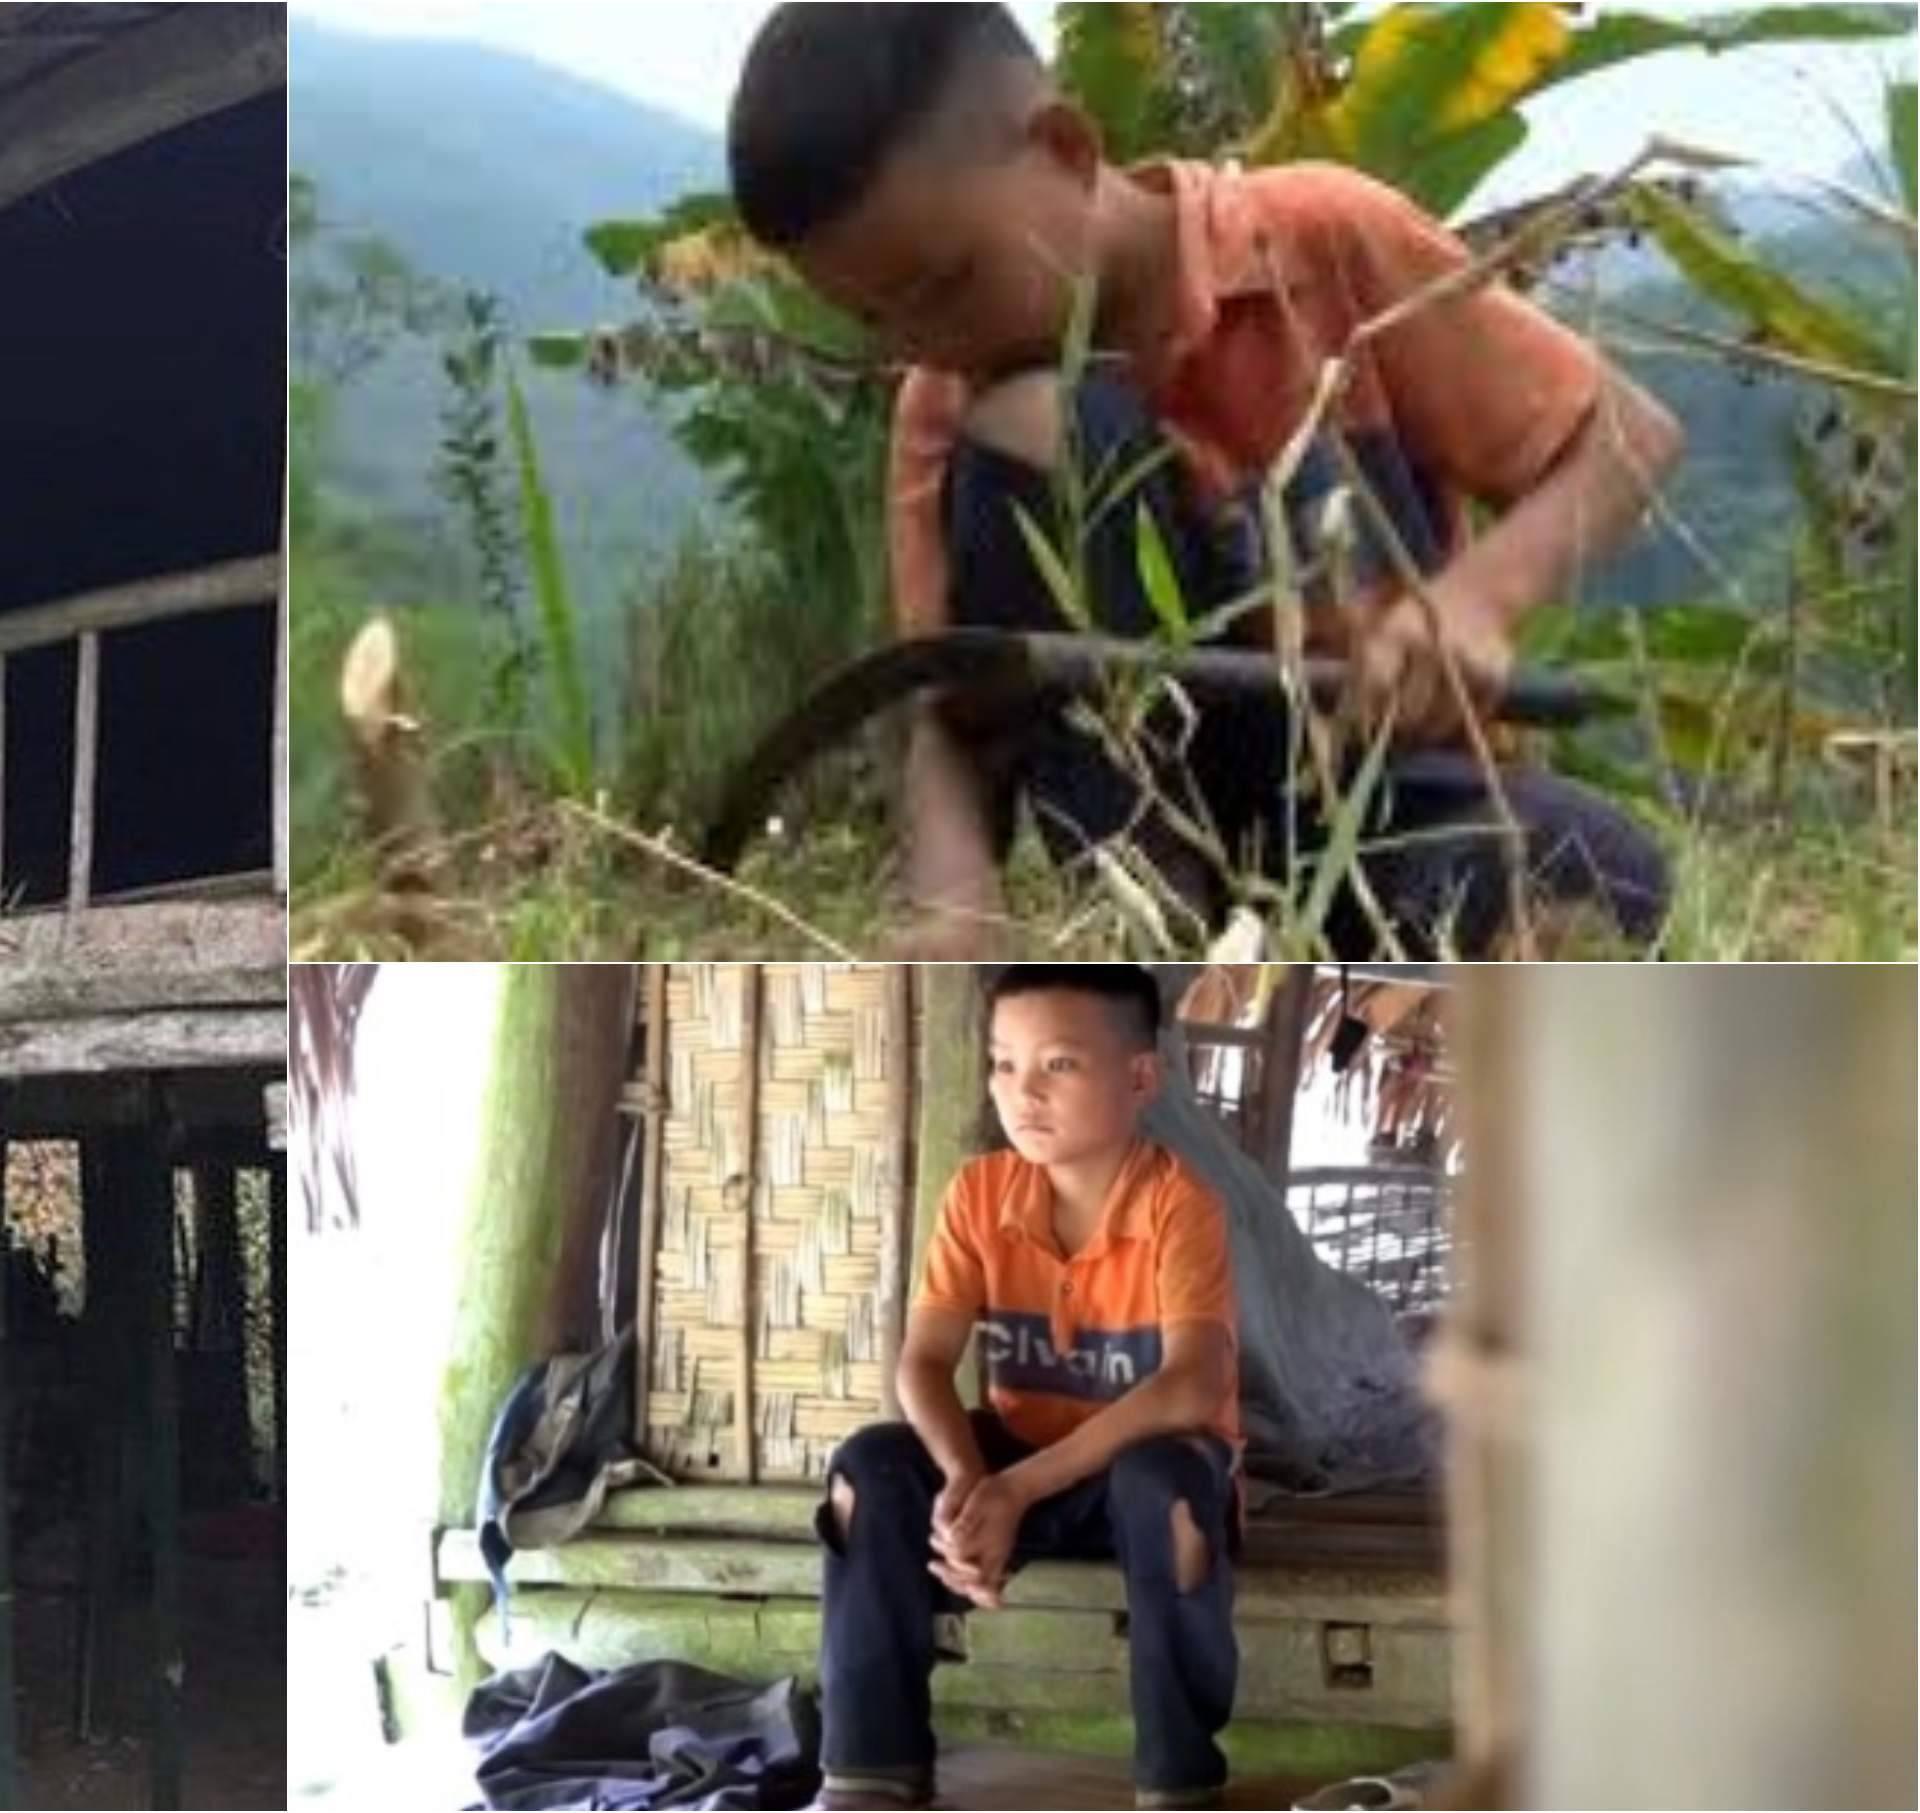 Dječaku (10) svi umrli: 'Radim na polju, mogu sam preživjeti'